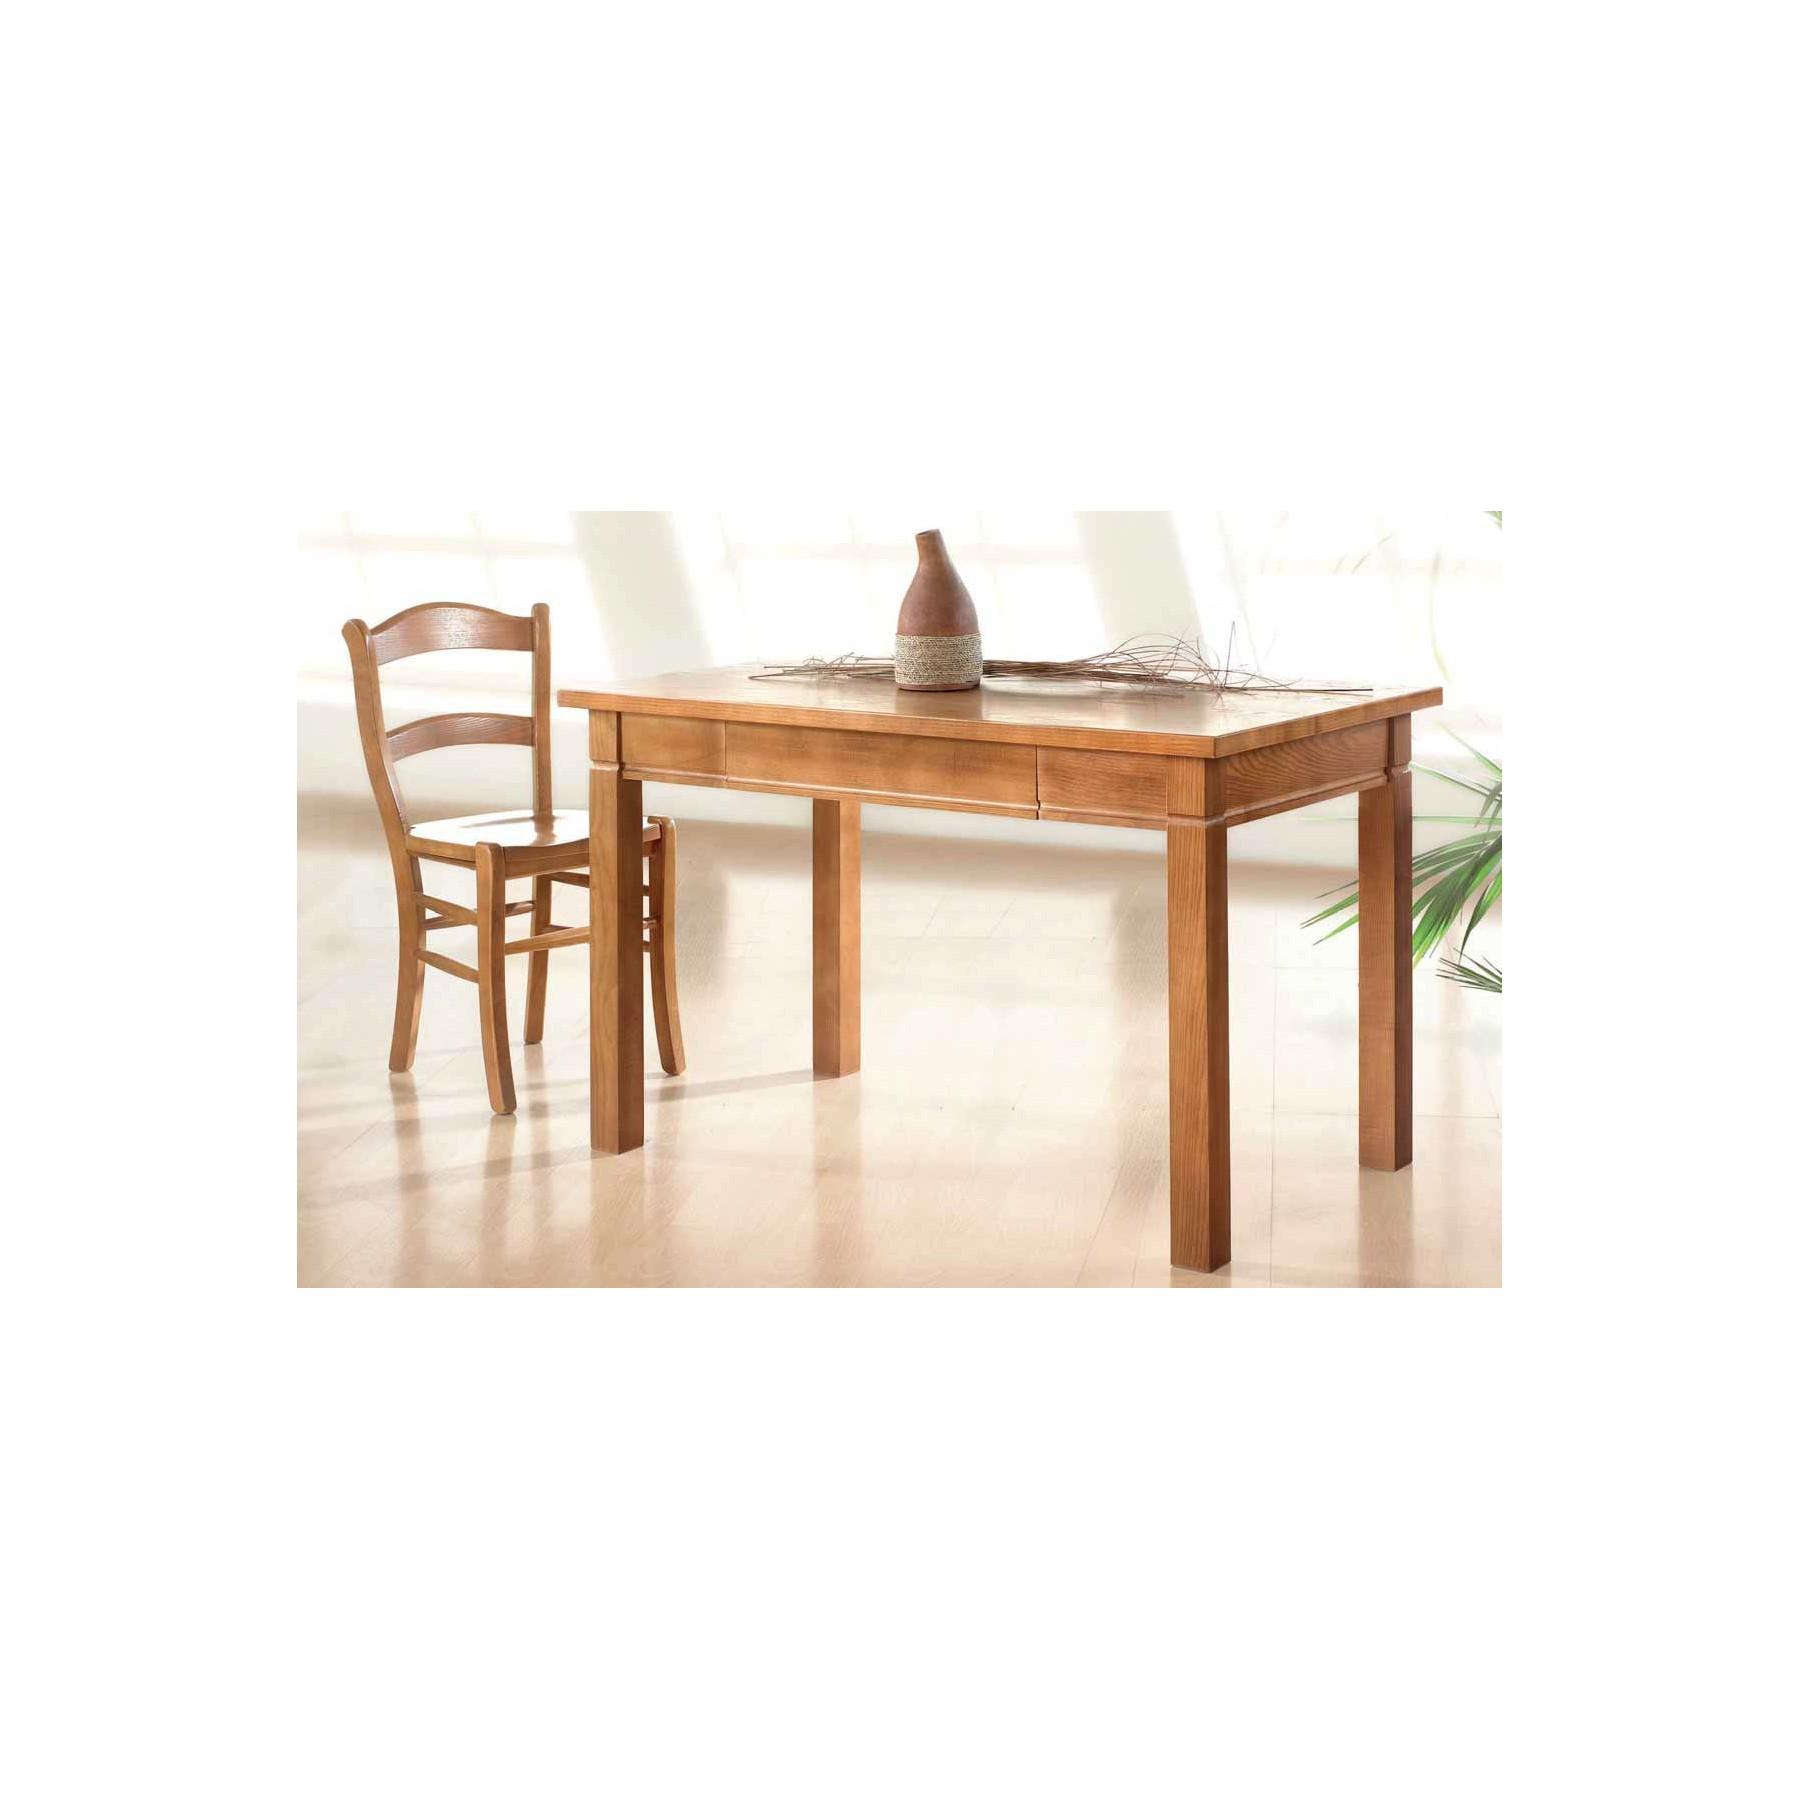 Mesa de cocina en madera de fresno estilo r stica modelo mango - Mesas de cocina de madera extensibles ...